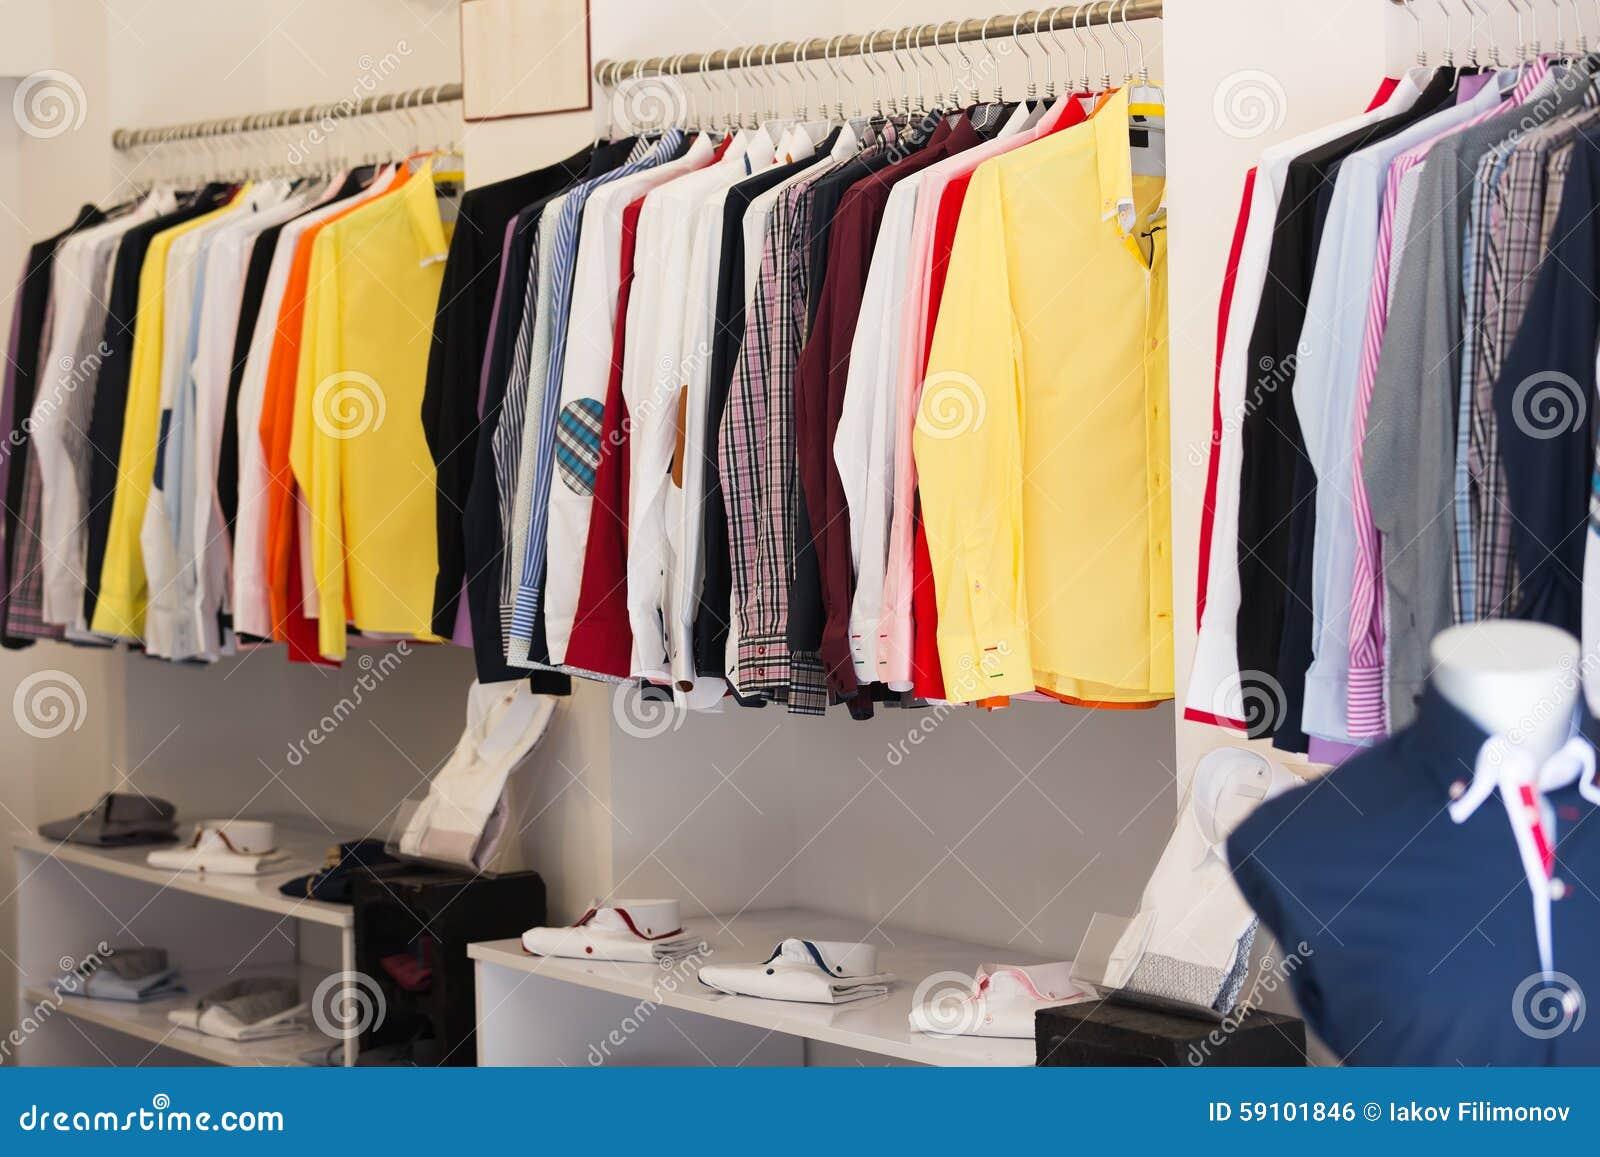 67e58ccb2f2 Magasin D habits Avec Des Chemises Des Hommes Sur Des Cintres Photo ...